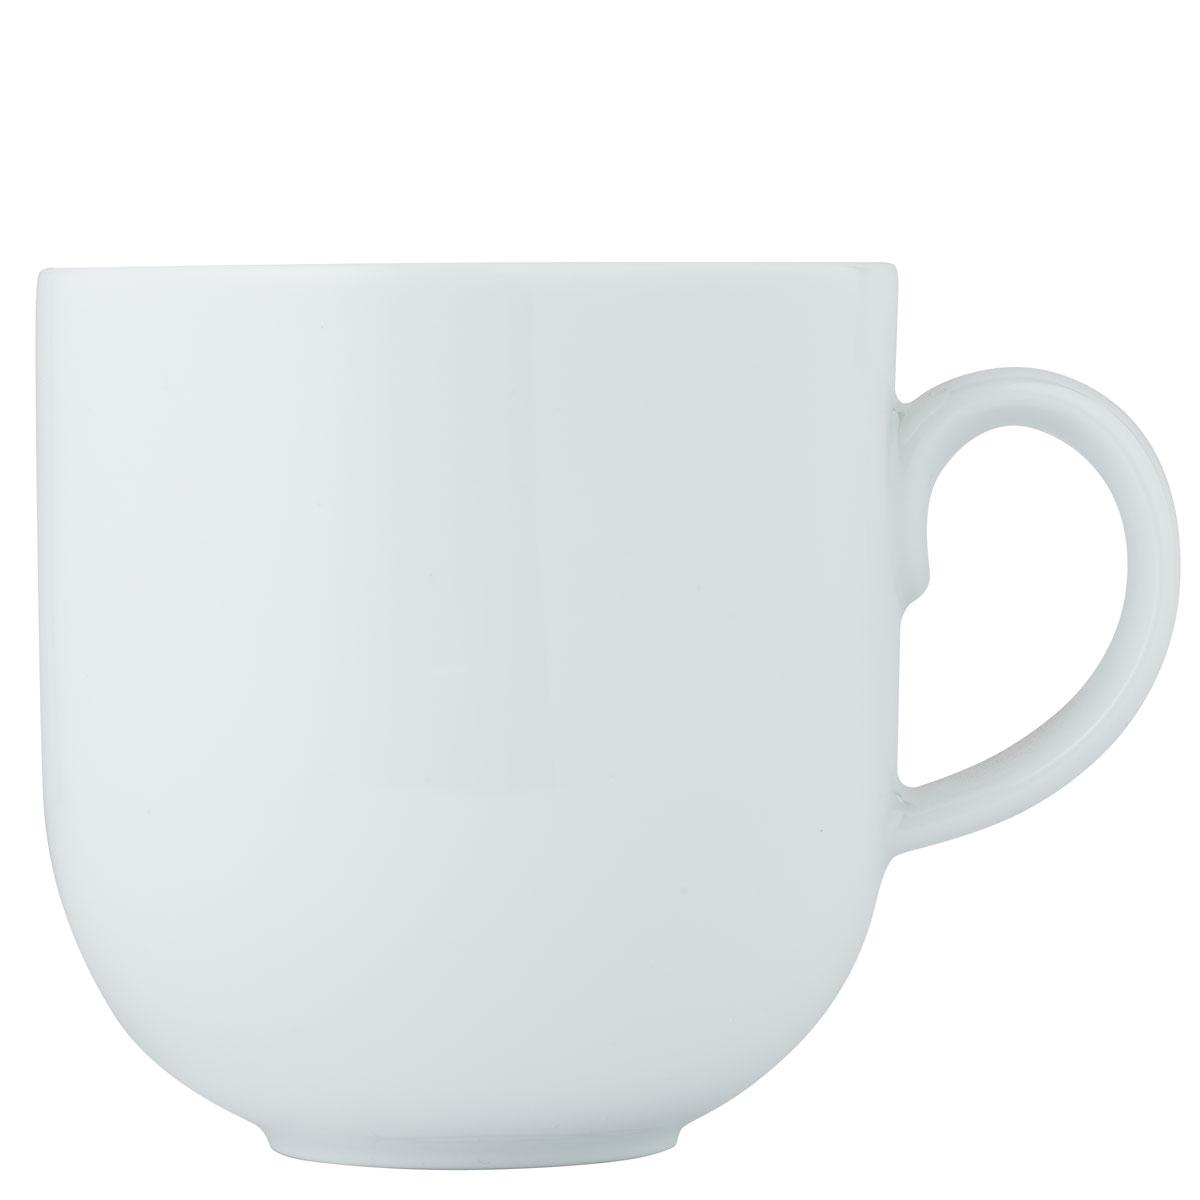 fischer tavola kaffeetasse 0 4 ltr kaffeebecher porzellan wei kaffeetassen ebay. Black Bedroom Furniture Sets. Home Design Ideas